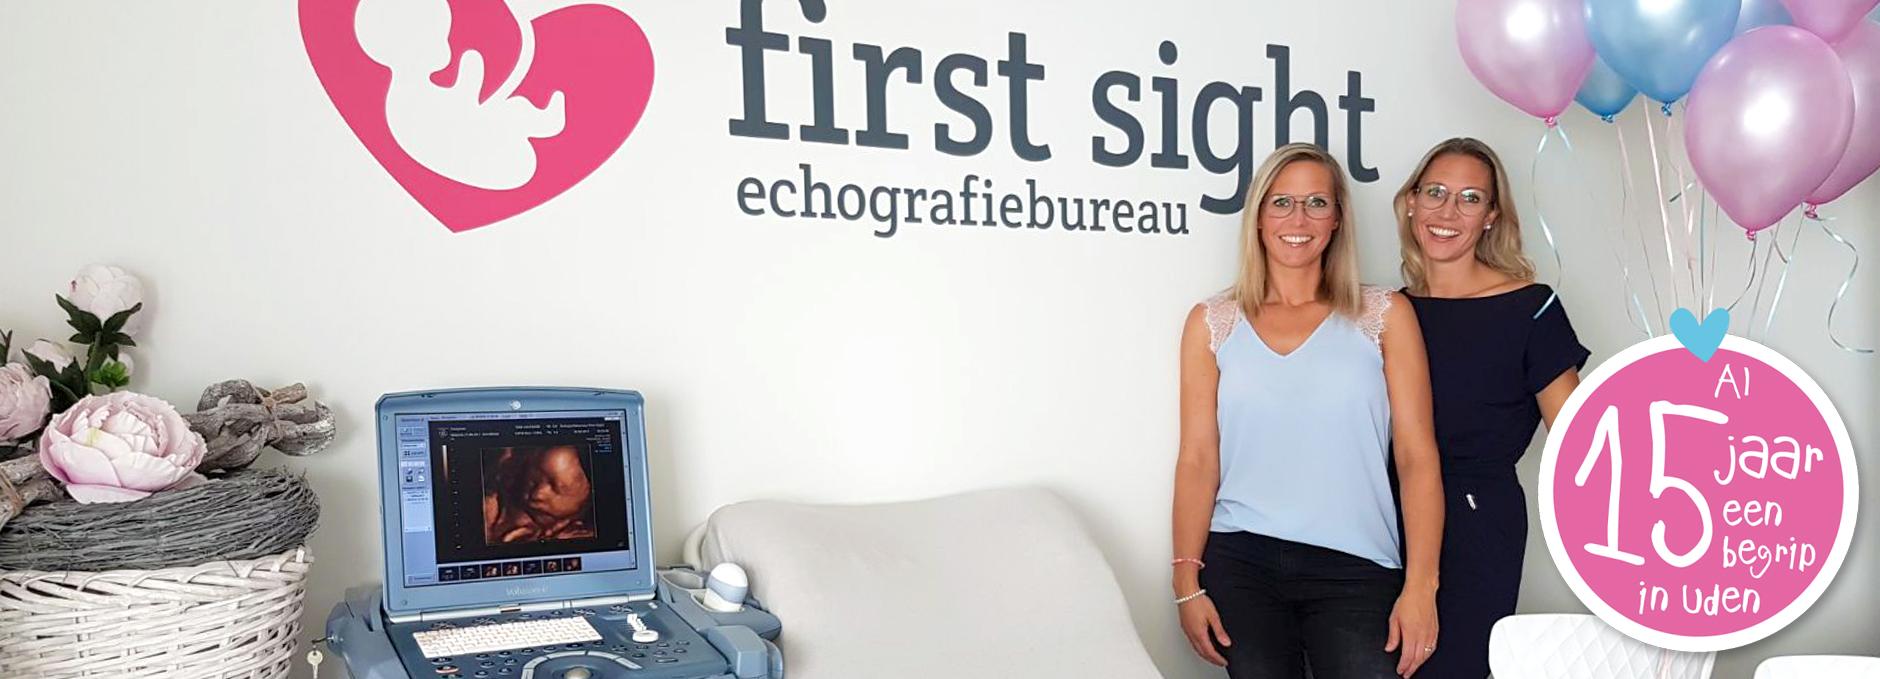 Echografiebureau First Sight uit Uden bestaat 15 jaar!